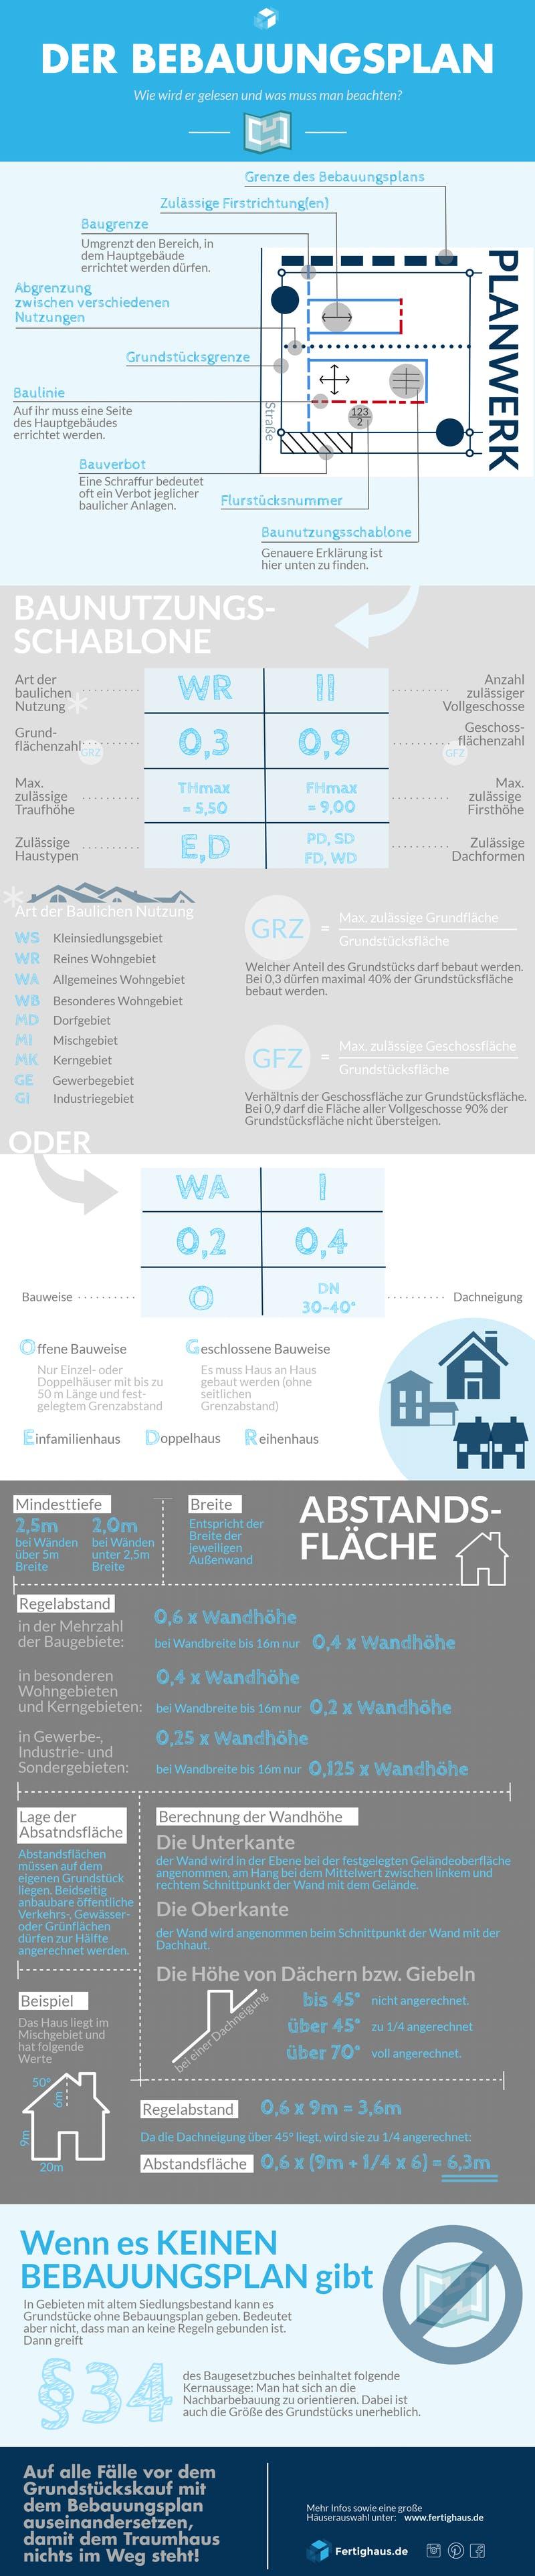 Infografik zu Inhalten eines Bebauungsplans